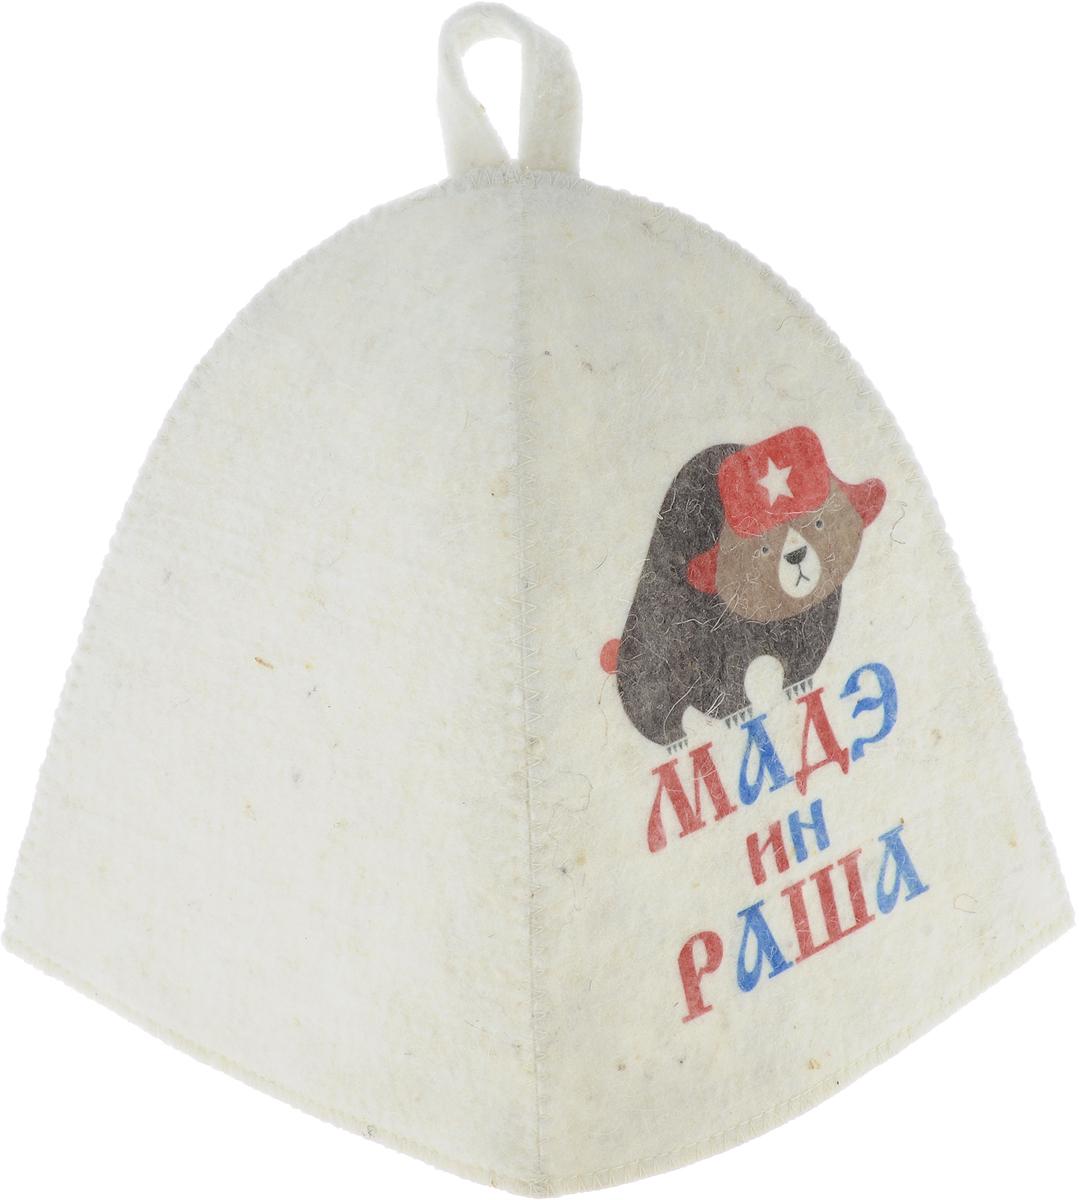 Шапка для бани и сауны Главбаня Мадэ ин рашаБ40270Шапка для бани и сауны Главбаня Мадэ ин раша, изготовленная из войлока, станет незаменимым аксессуаром для любителей попариться в русской бане и для тех, кто предпочитает сухой жар финской бани. Шапка оформлена оригинальным принтом и дополнена надписью Мадэ ин раша. Шапка защитит от головокружения в бане и перегрева головы, а также предотвратит ломкость волос. С помощью специальной петельки шапку удобно вешать на крючок в предбаннике. Такая шапка станет отличным подарком для любителей отдыха в бане или сауне. Высота шапки: 24 см. Обхват головы: 70 см.